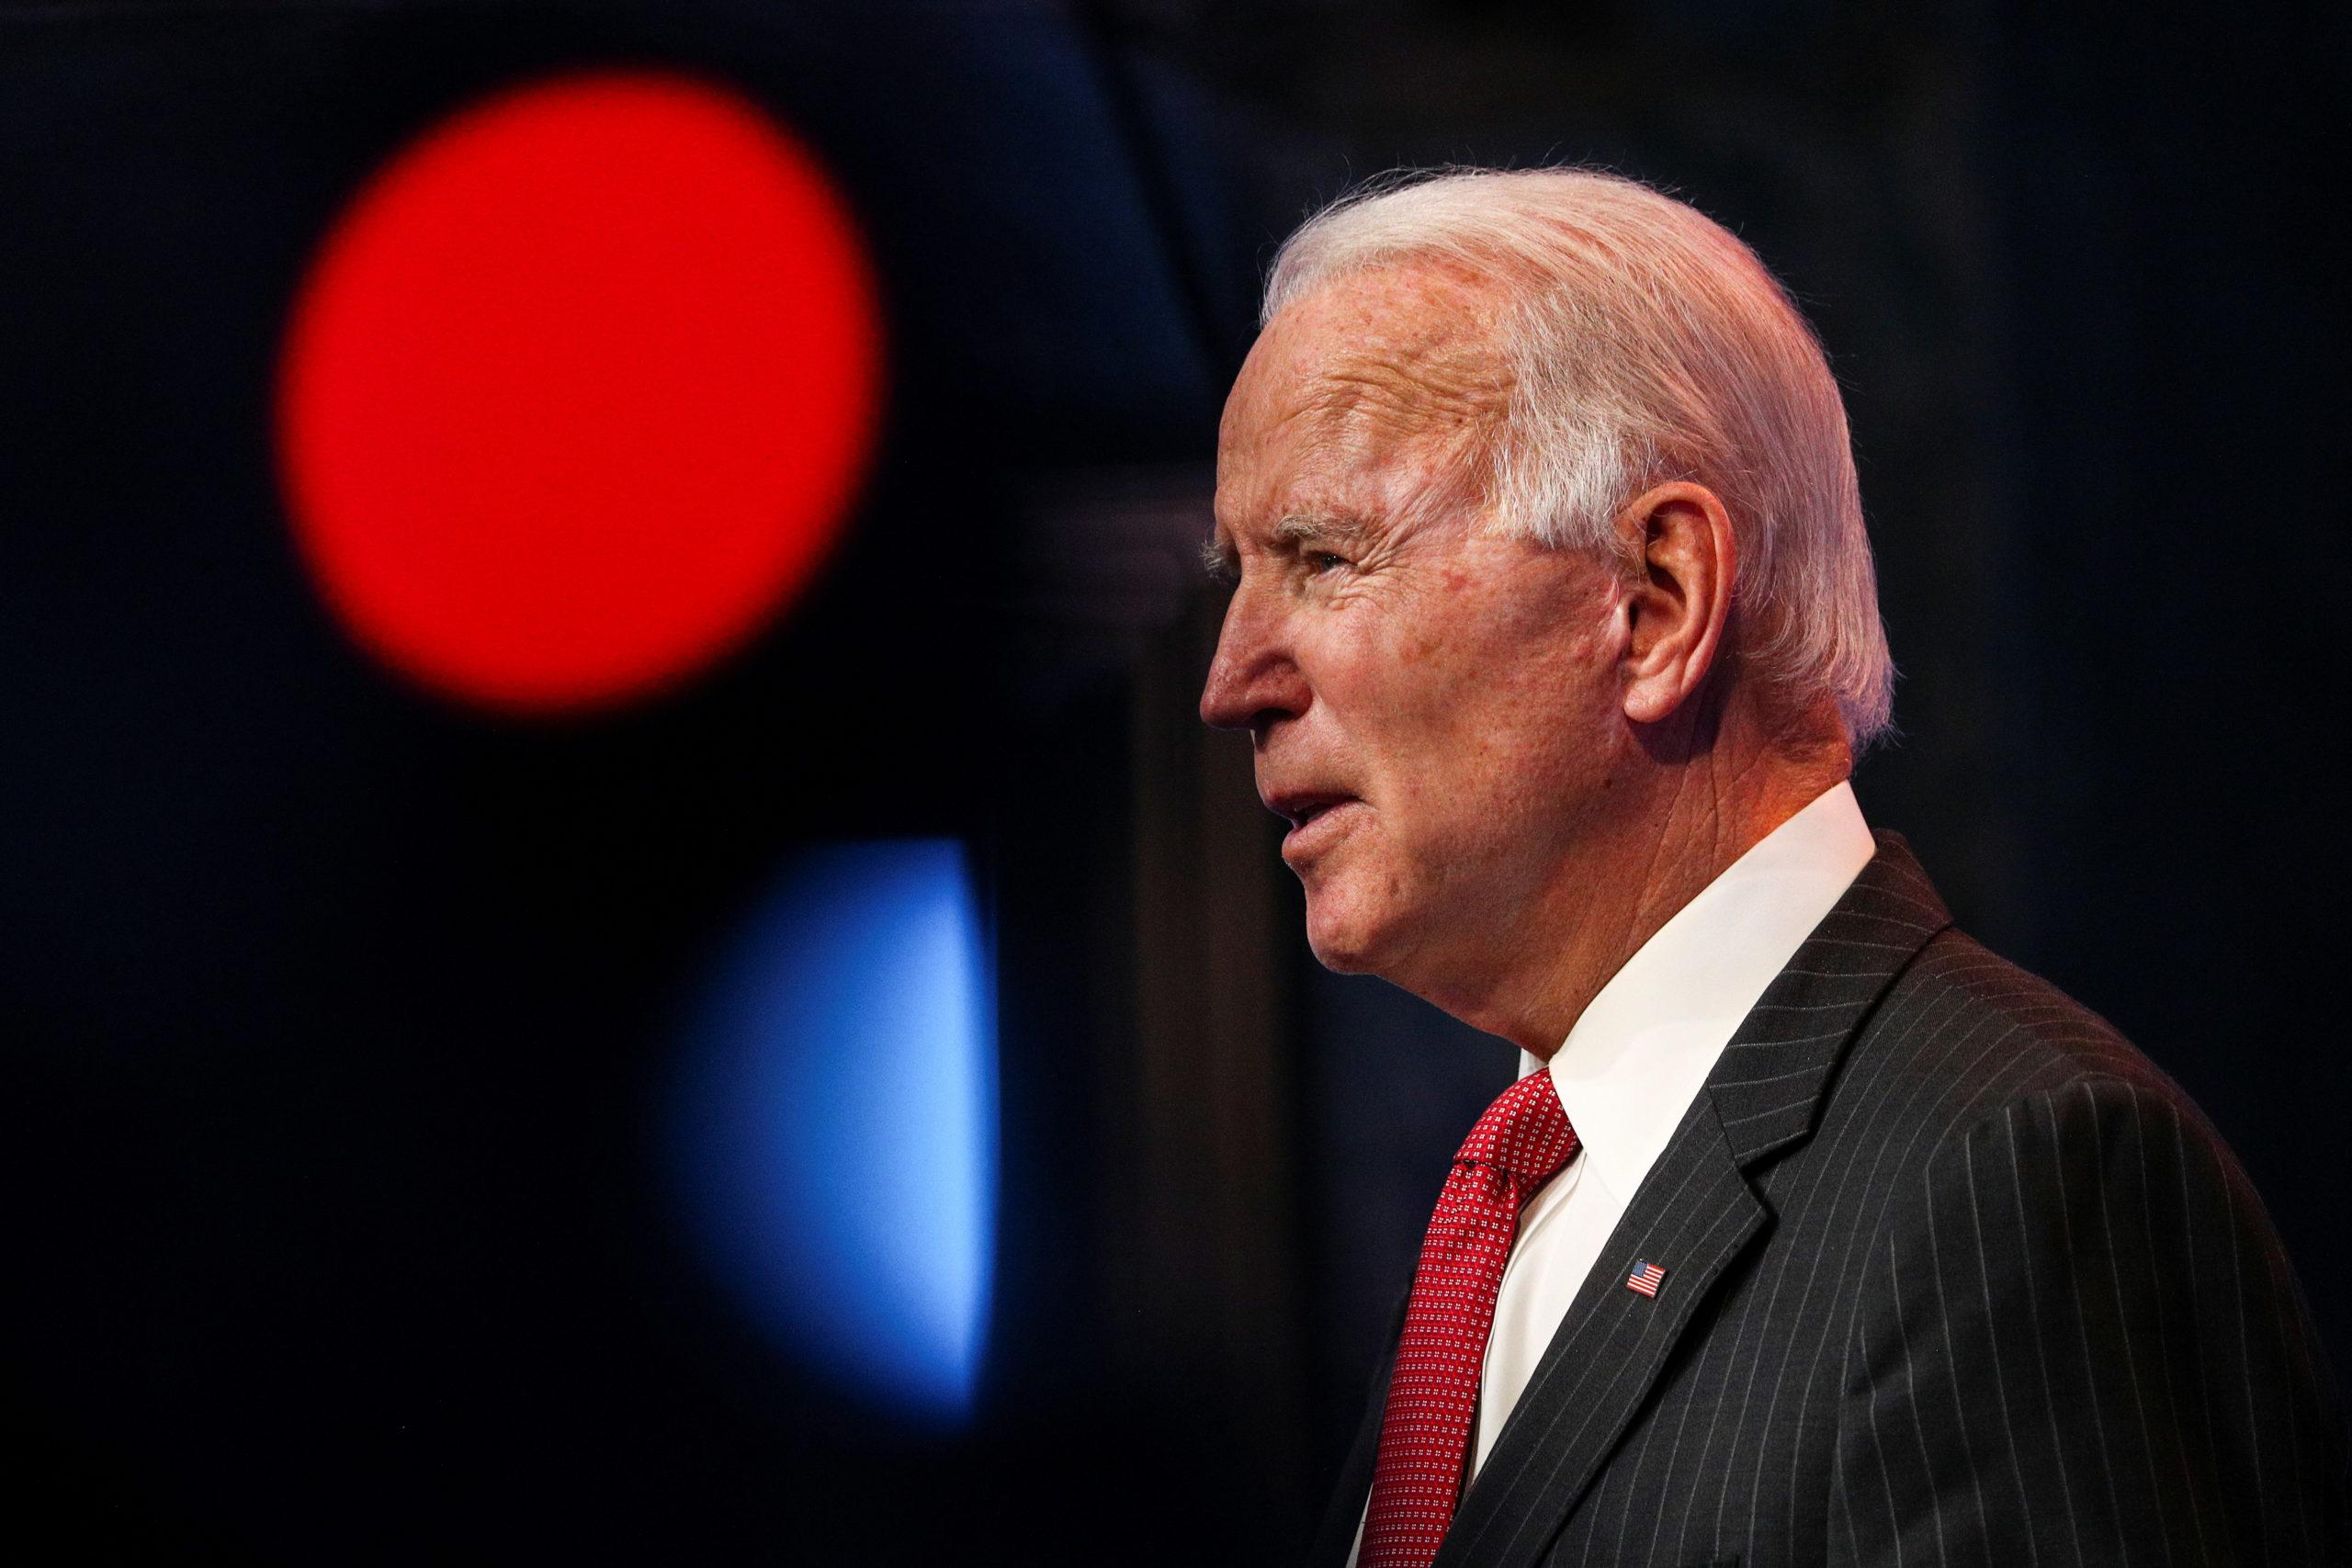 USA 2020: Après un recomptage à la main, Joe Biden remporte la Géorgie